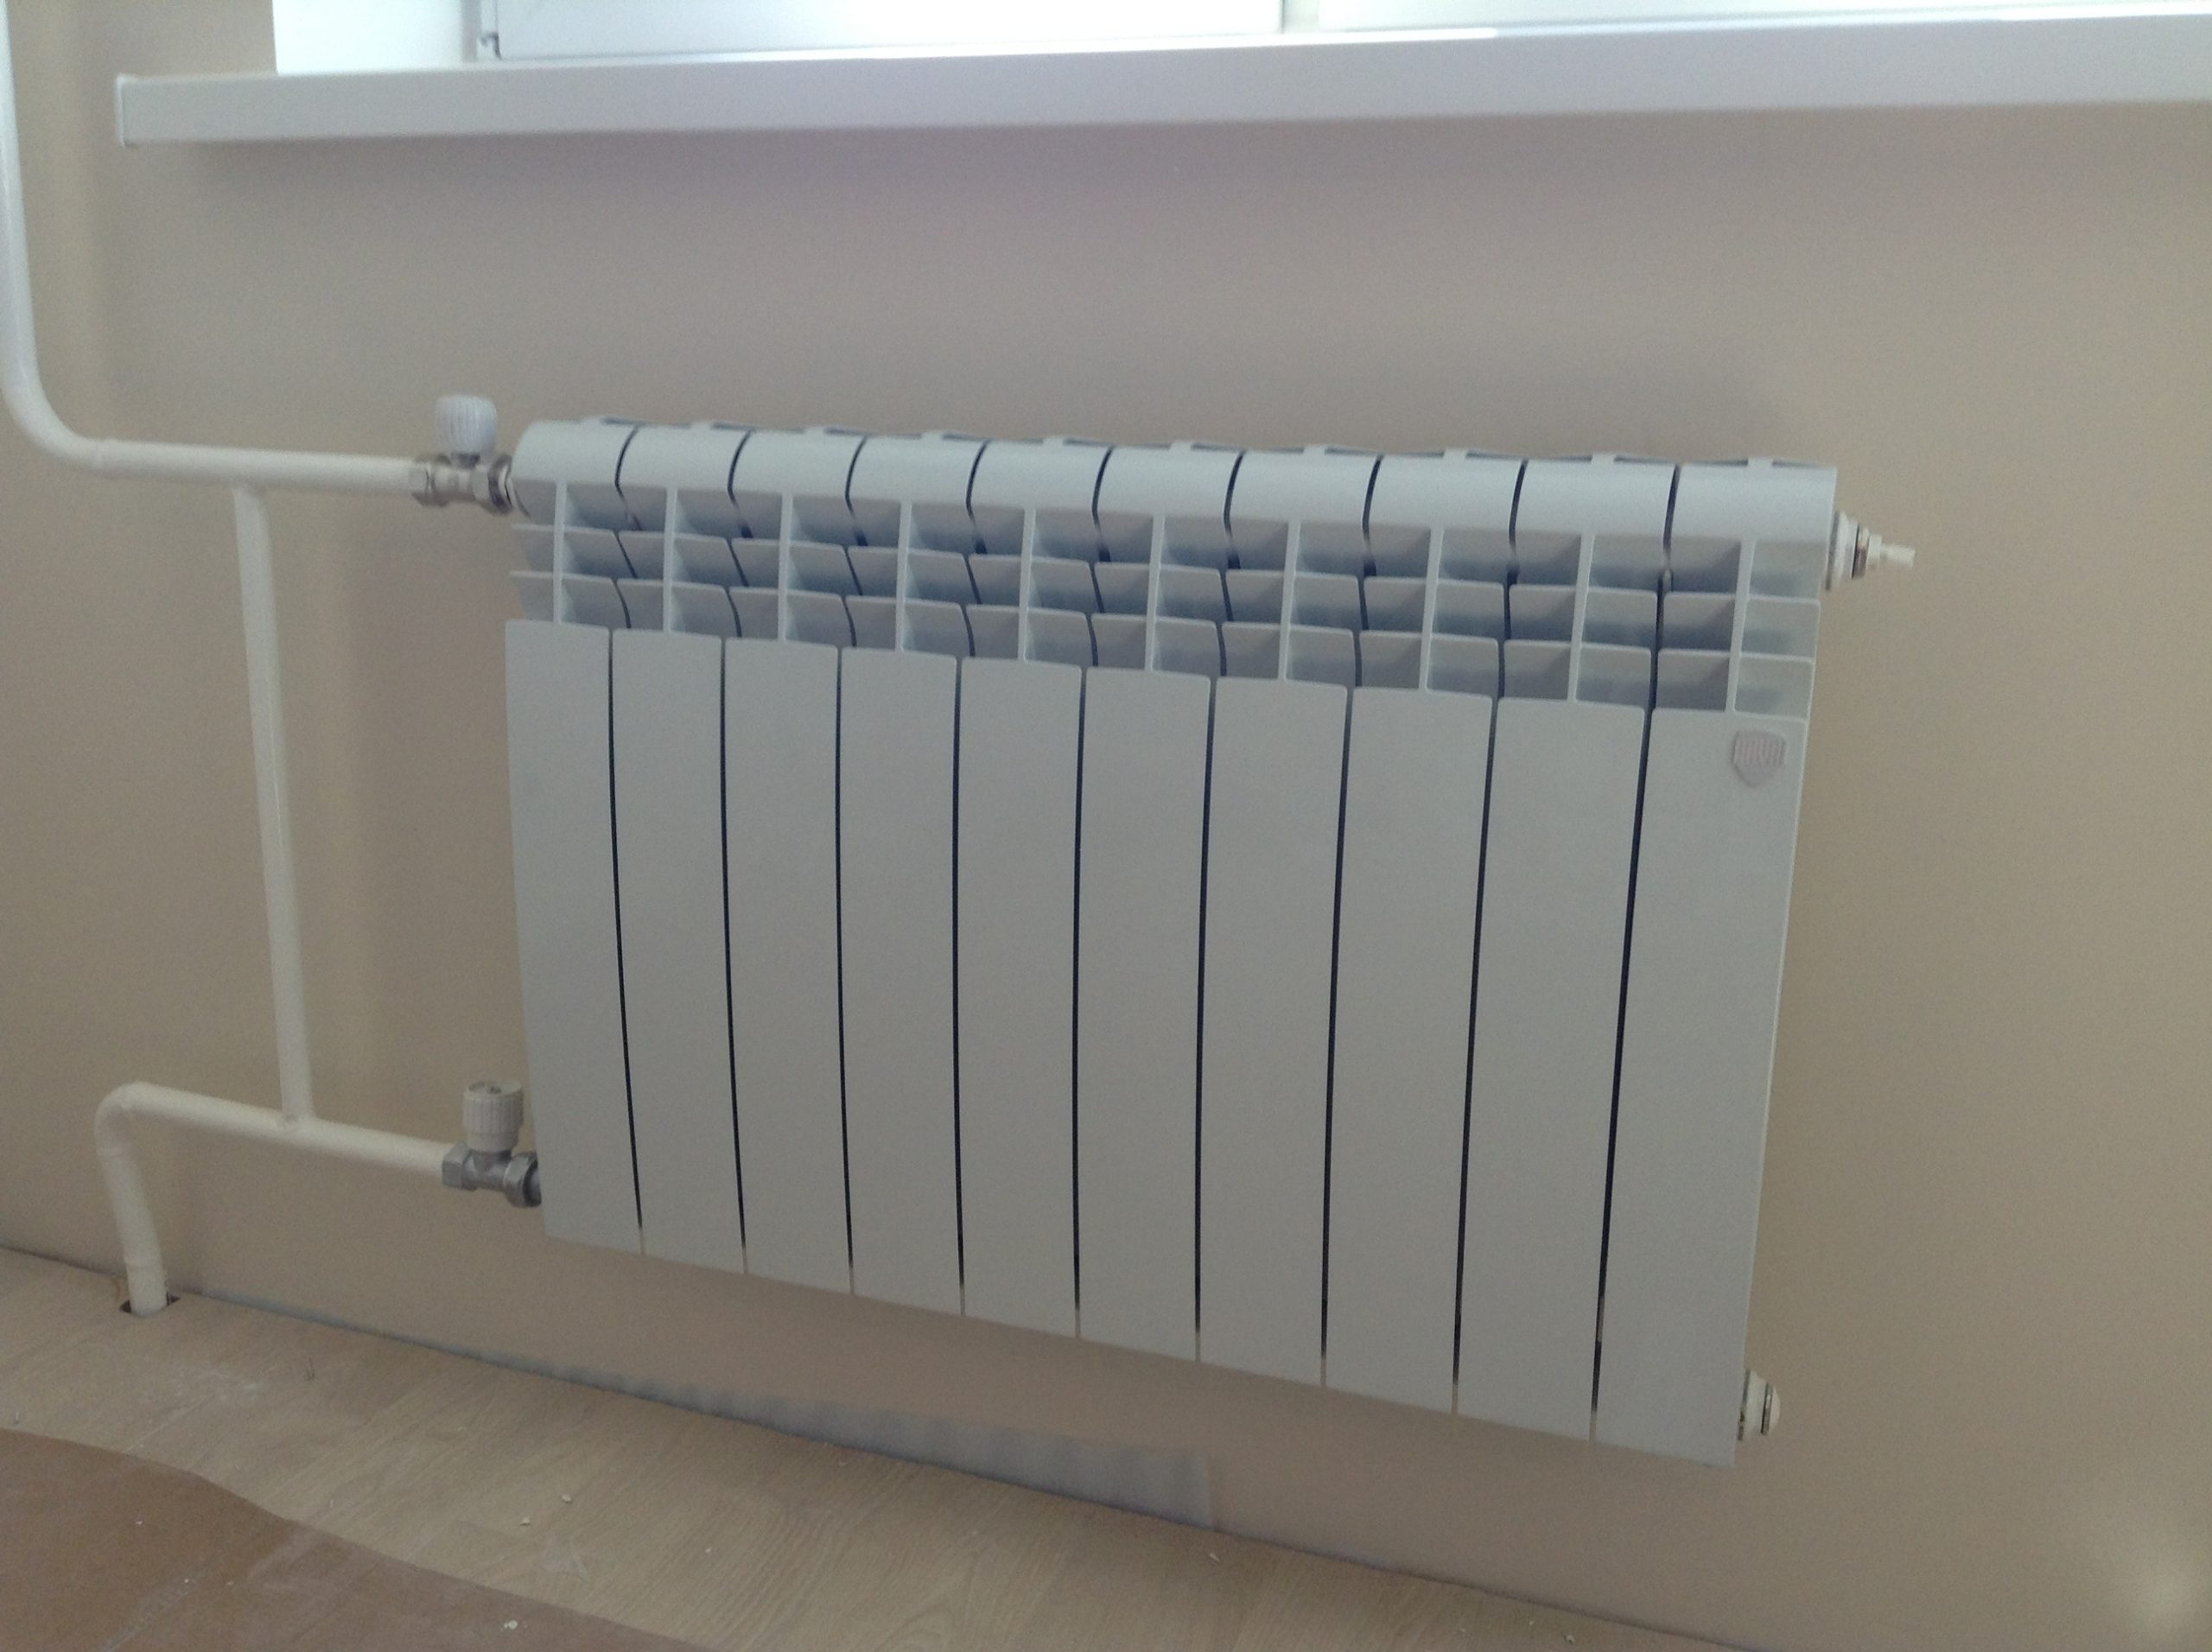 Современный радиатор отопления выглядит красиво и очень эффективен